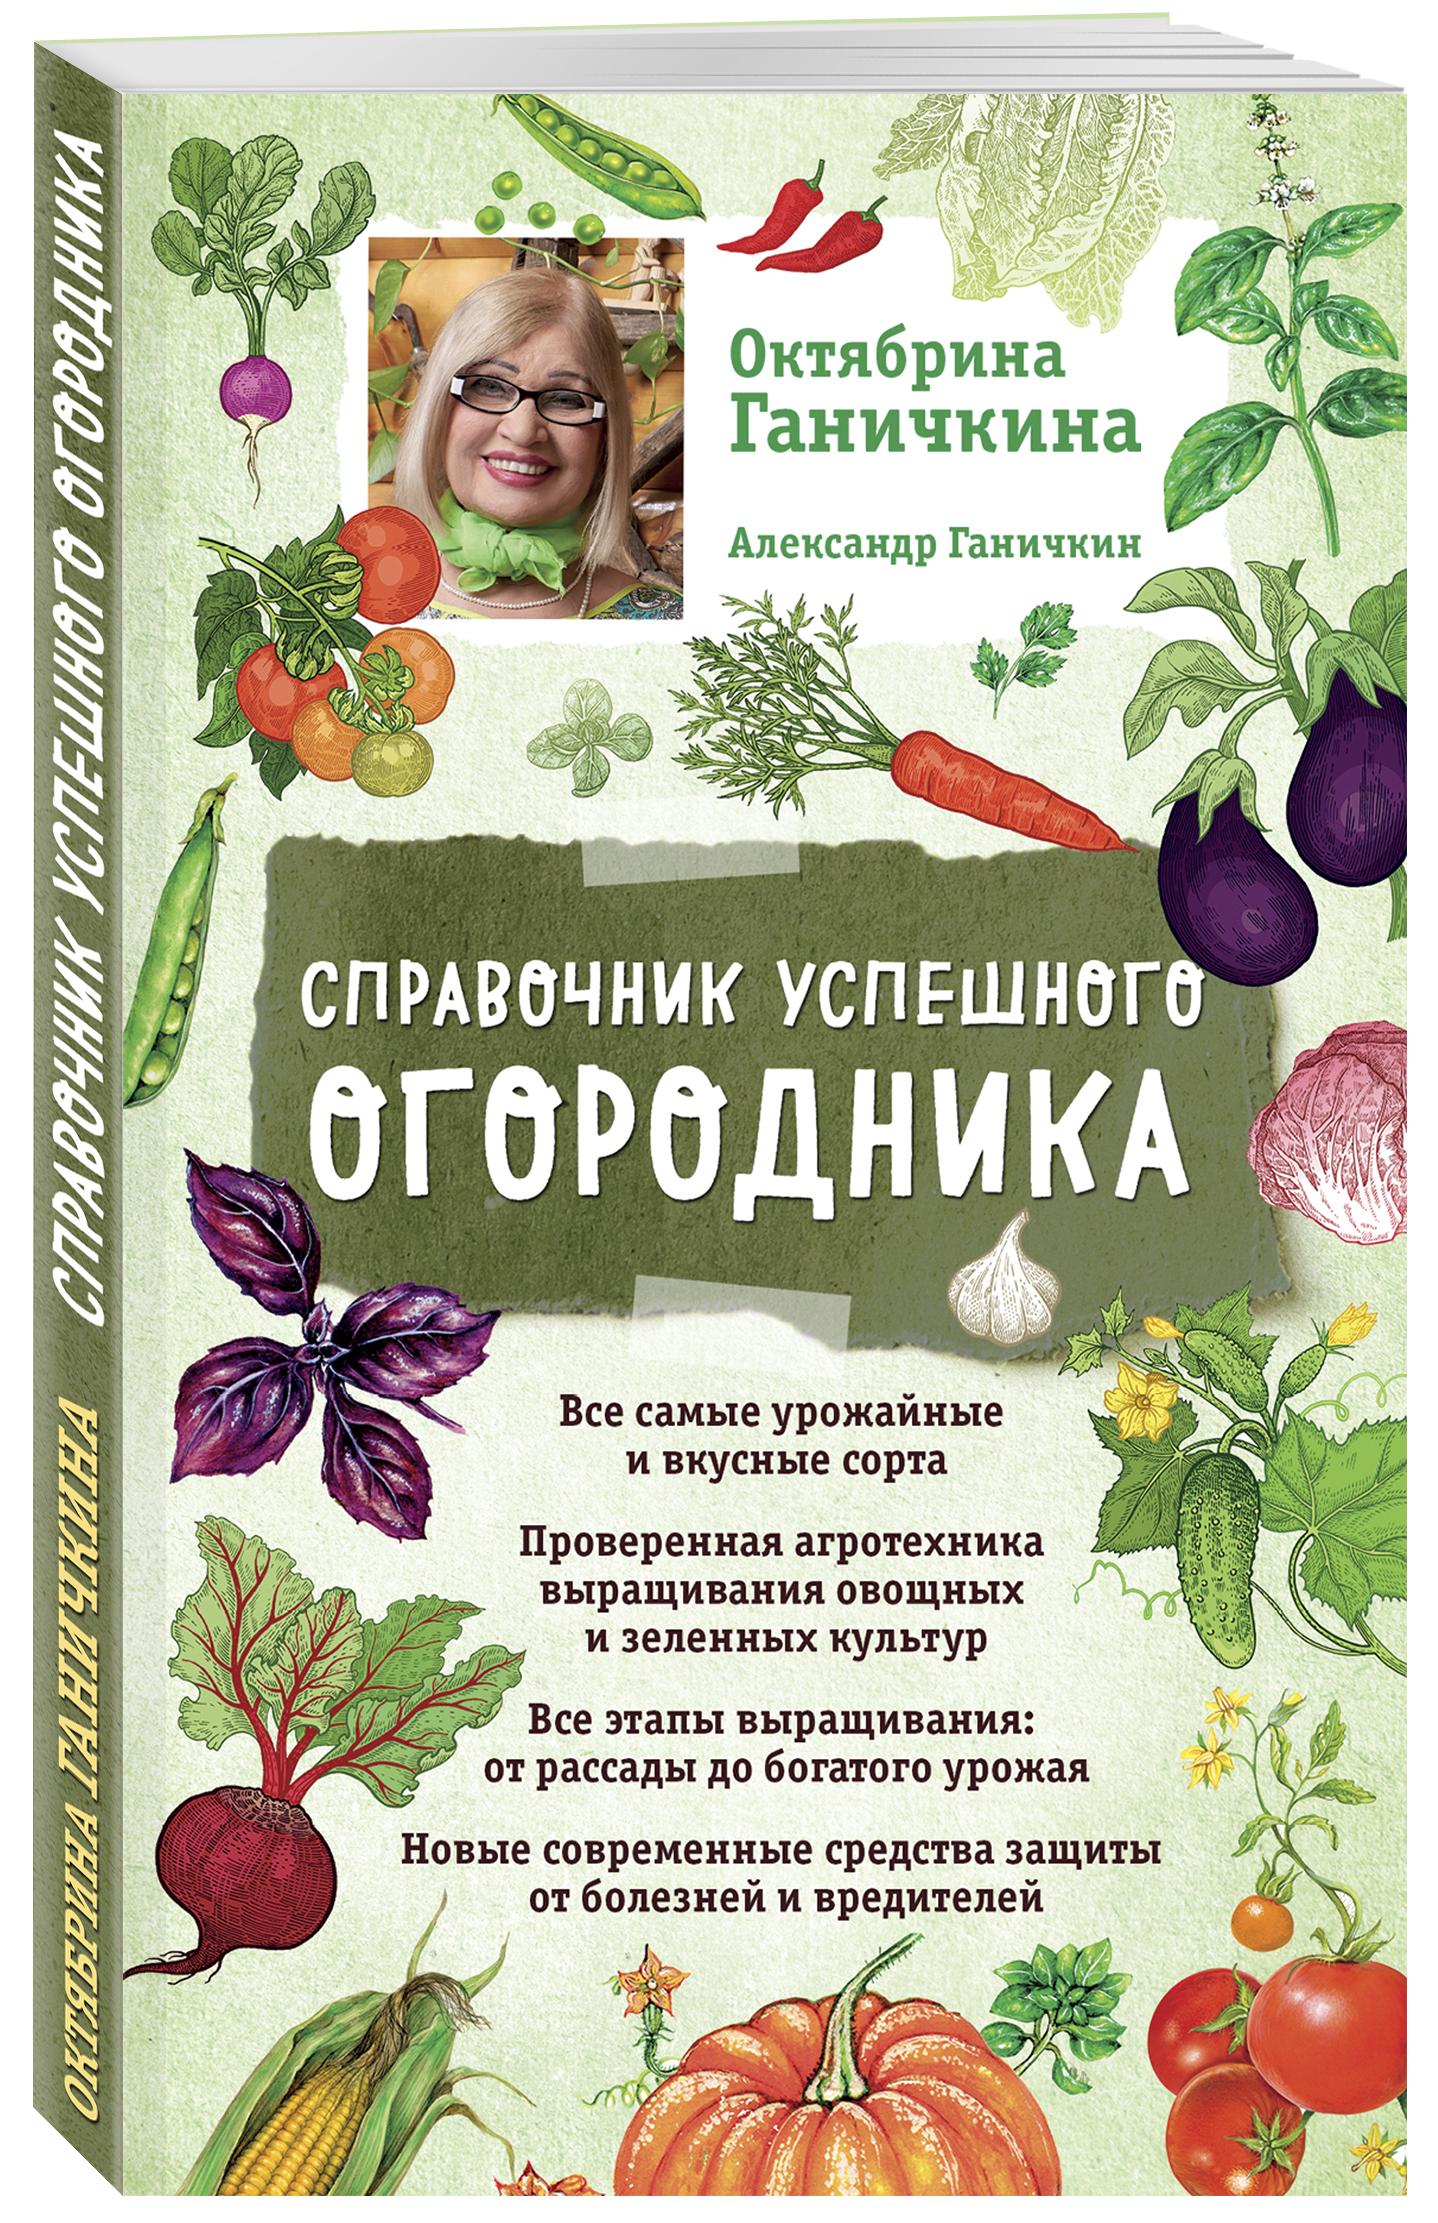 Справочник успешного огородника (нов. оф.)